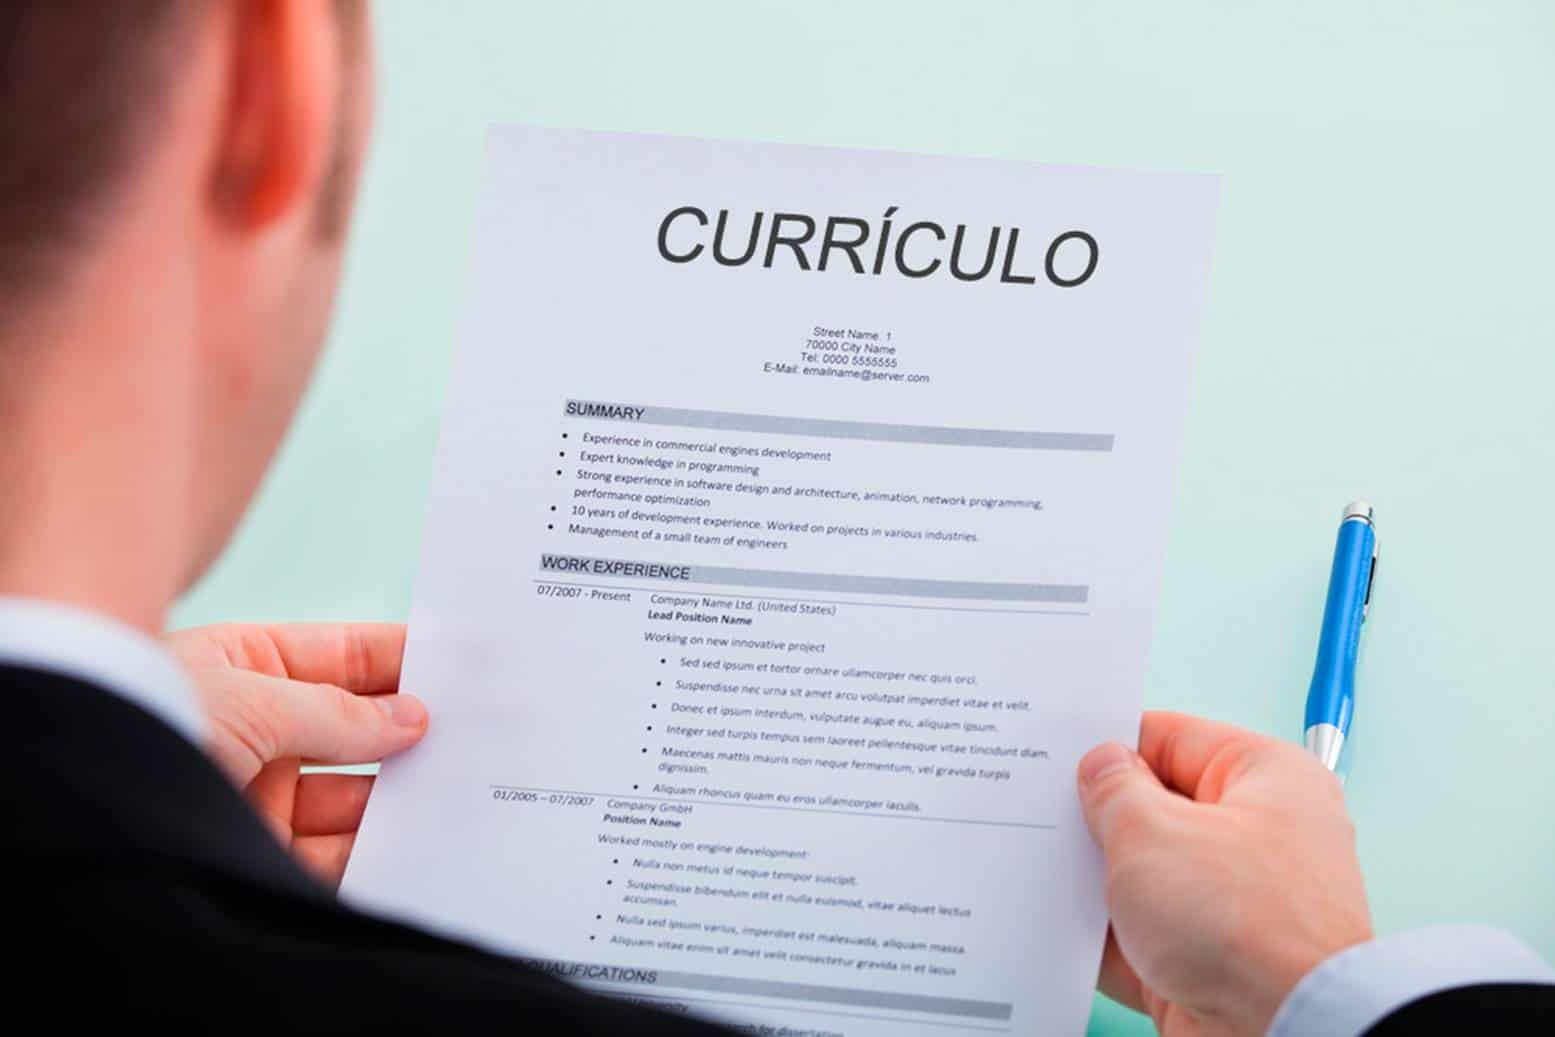 Procurando emprego? Aprenda a escrever um currículo simples e eficiente